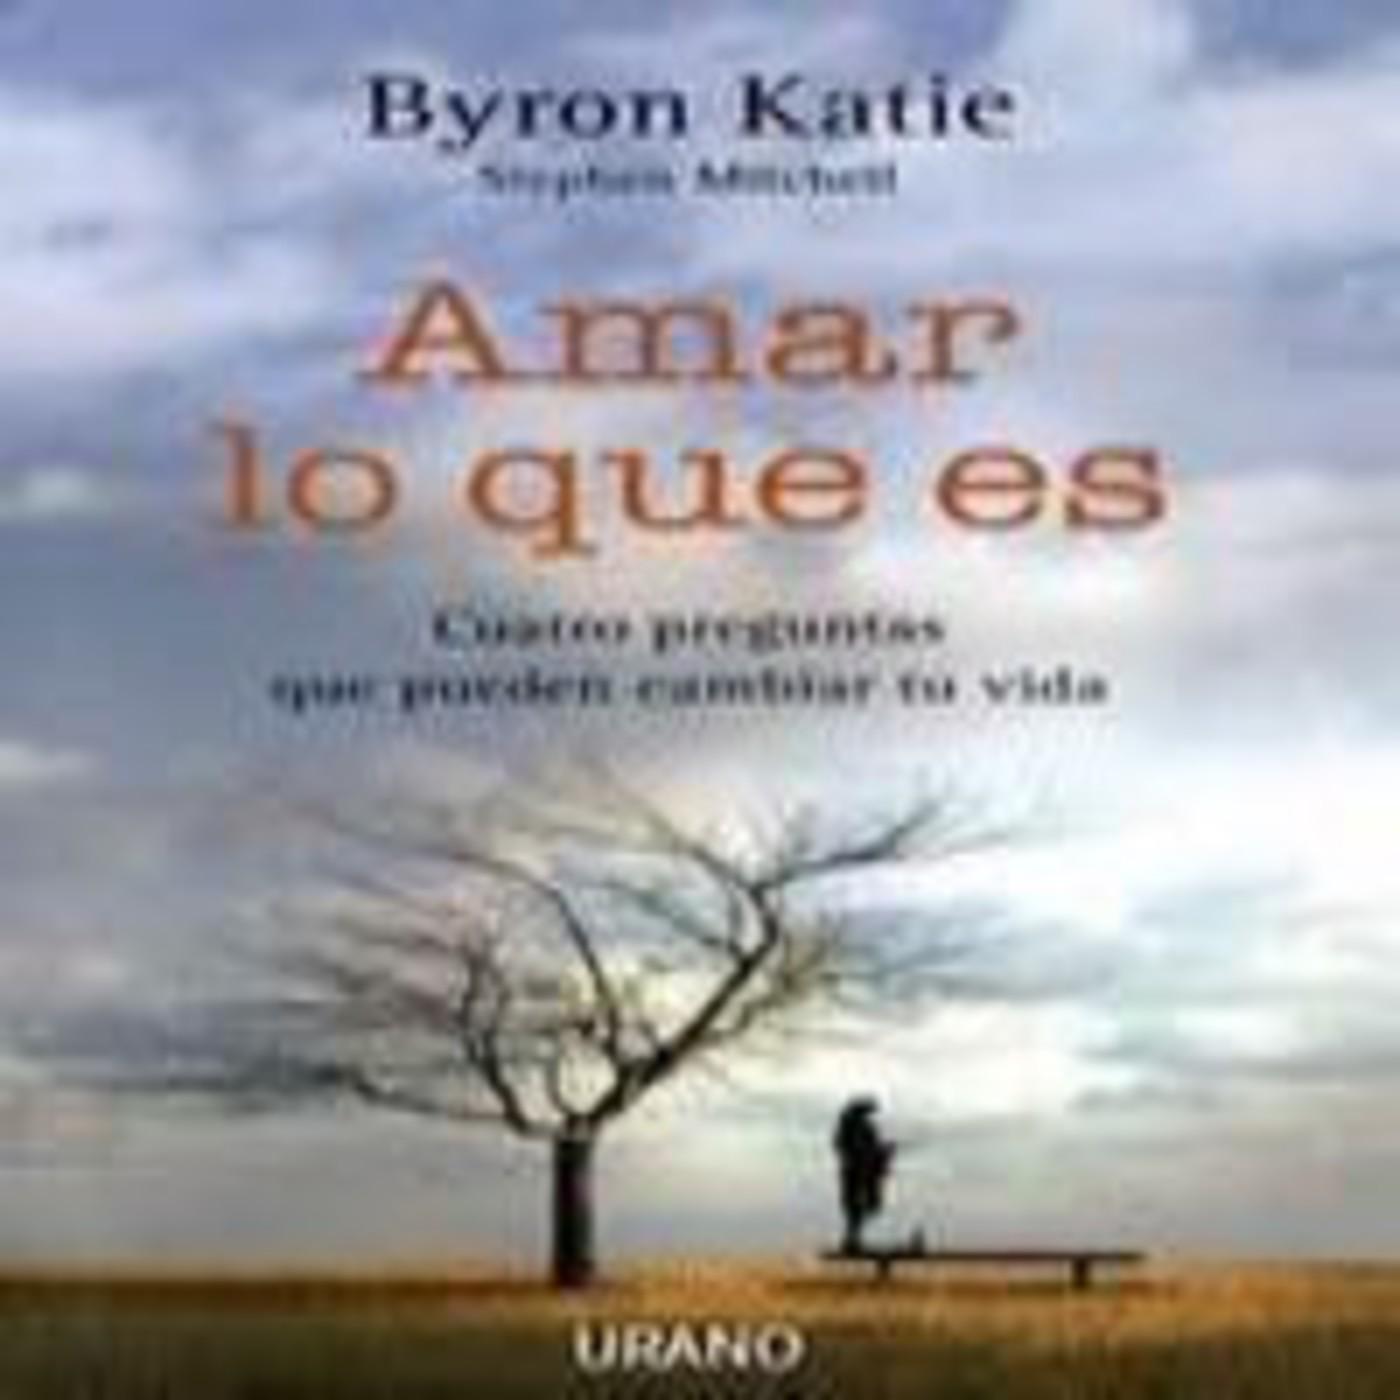 """Amar lo que es"""" de Byron Katie (extracto del libro) en REFLEXIONES ..."""